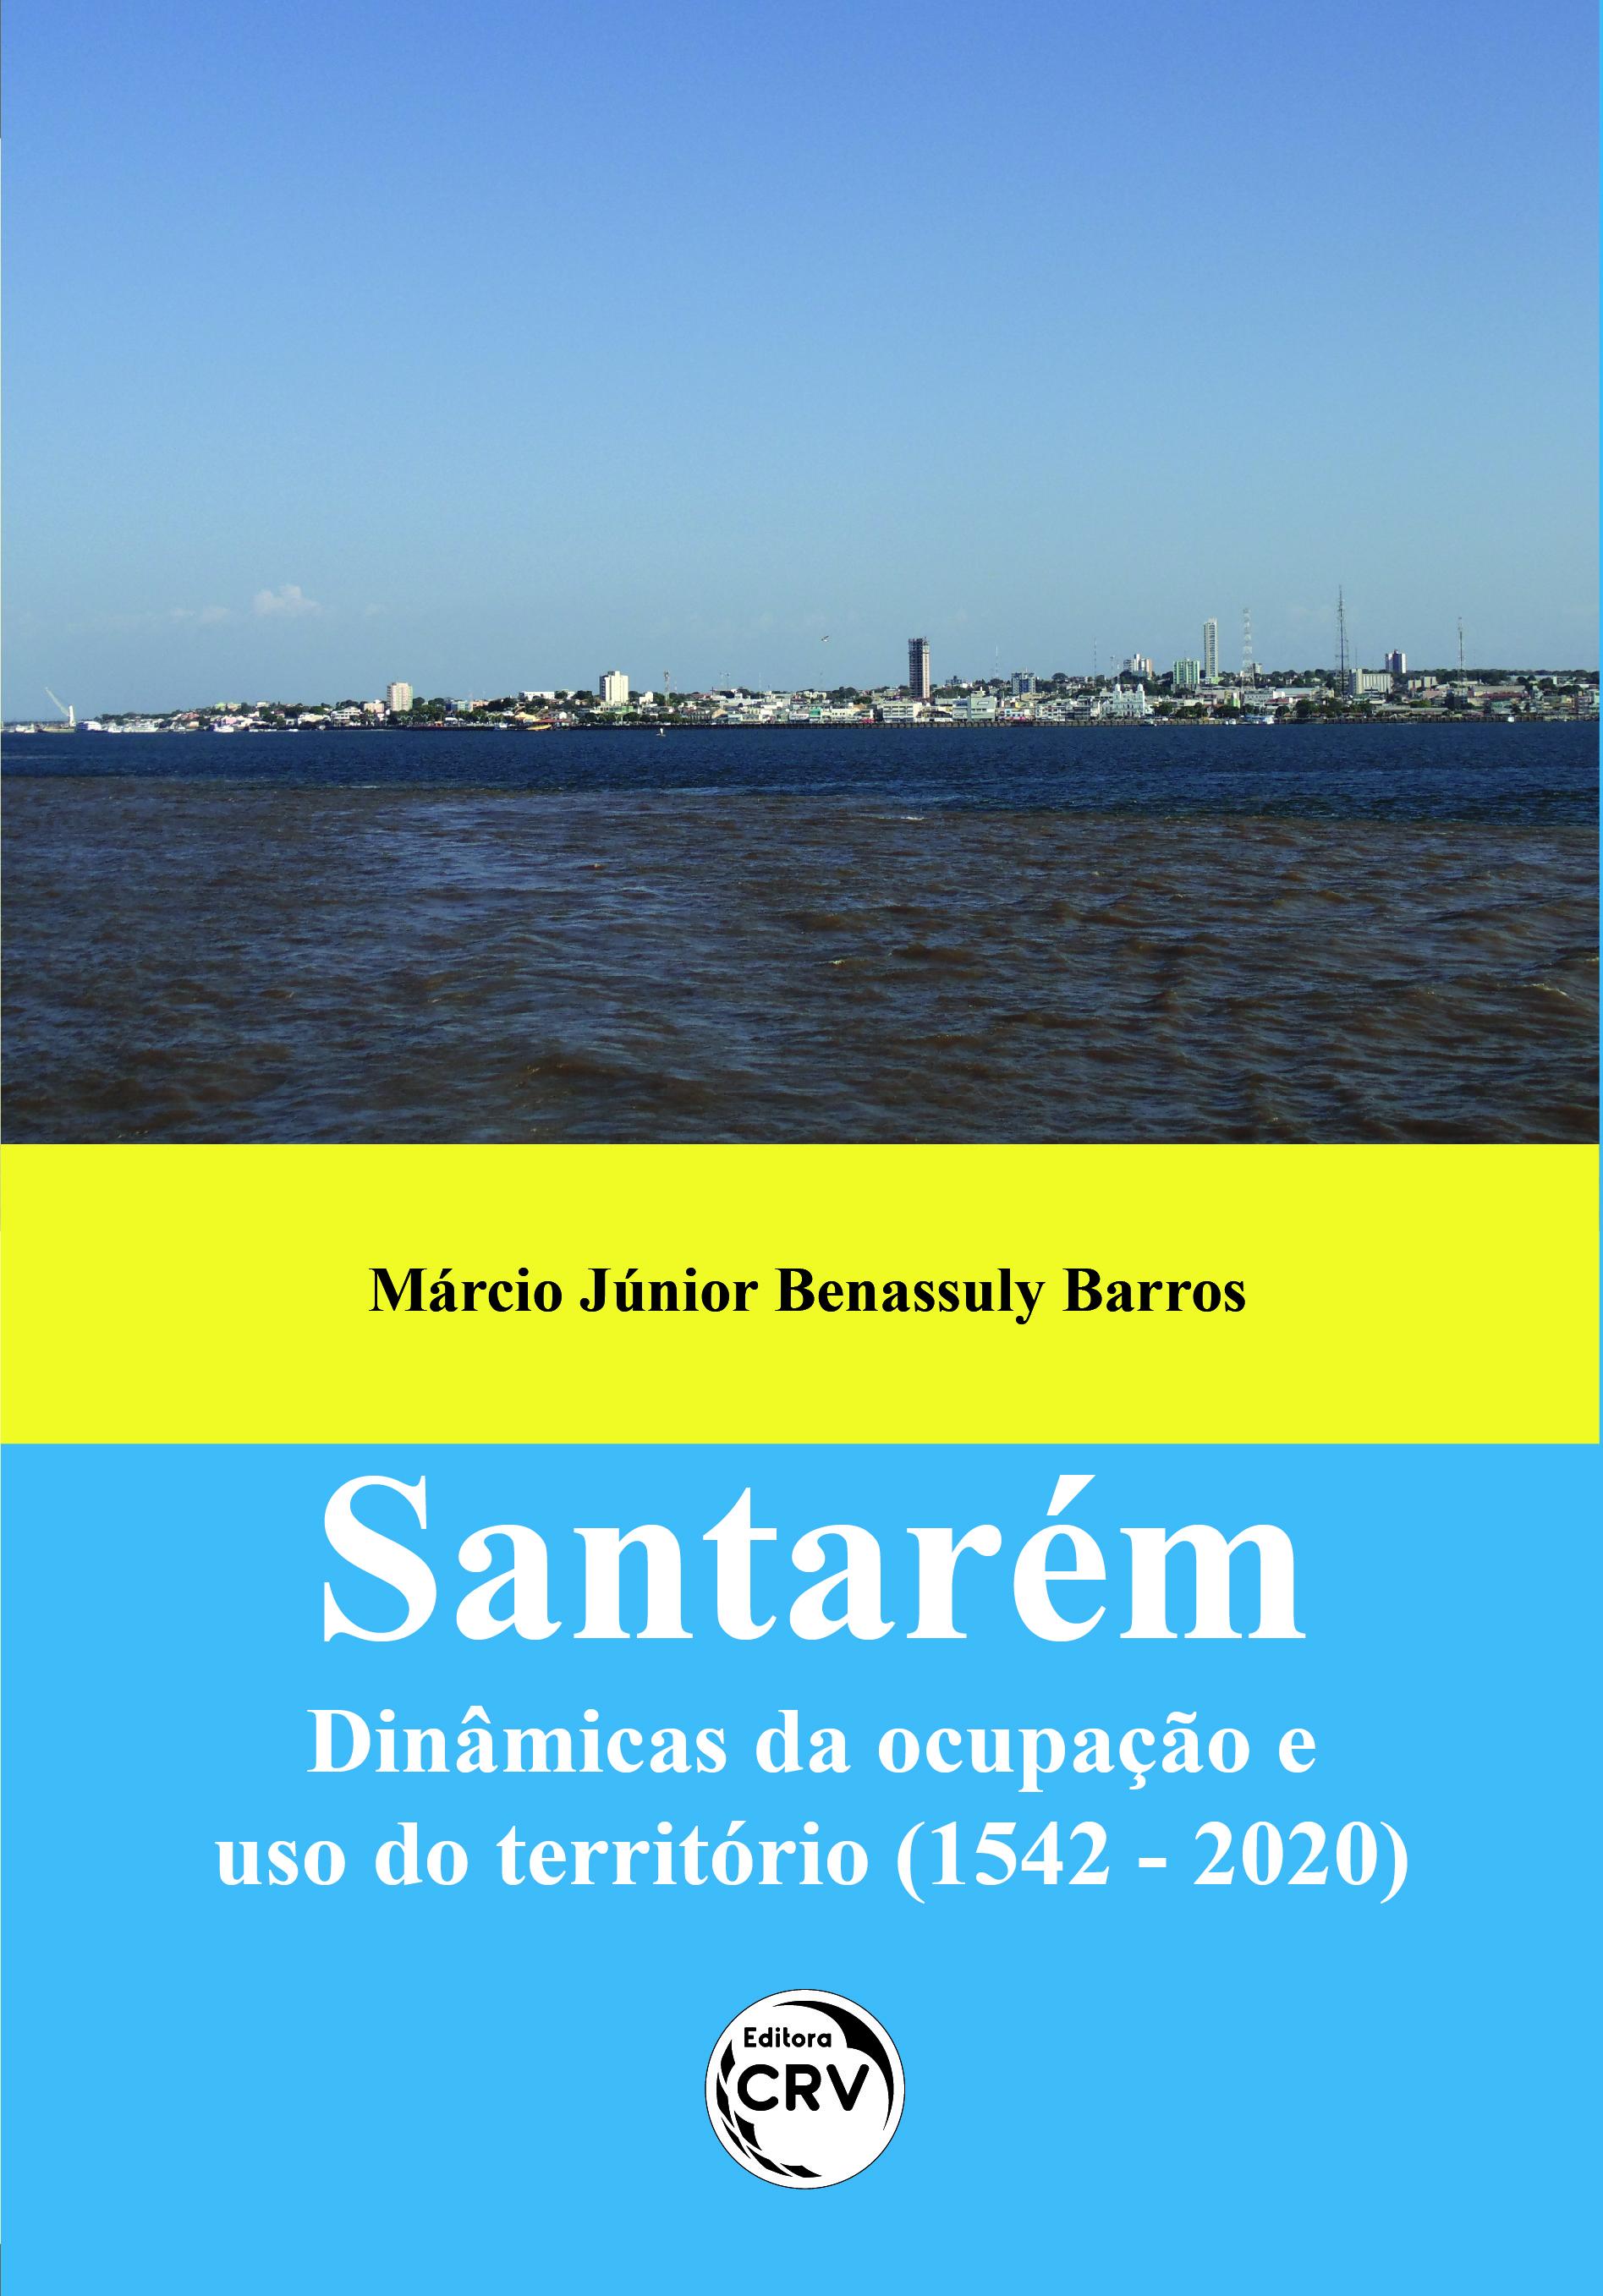 Capa do livro: SANTARÉM:<br> dinâmicas da ocupação e uso do território (1542 - 2020)